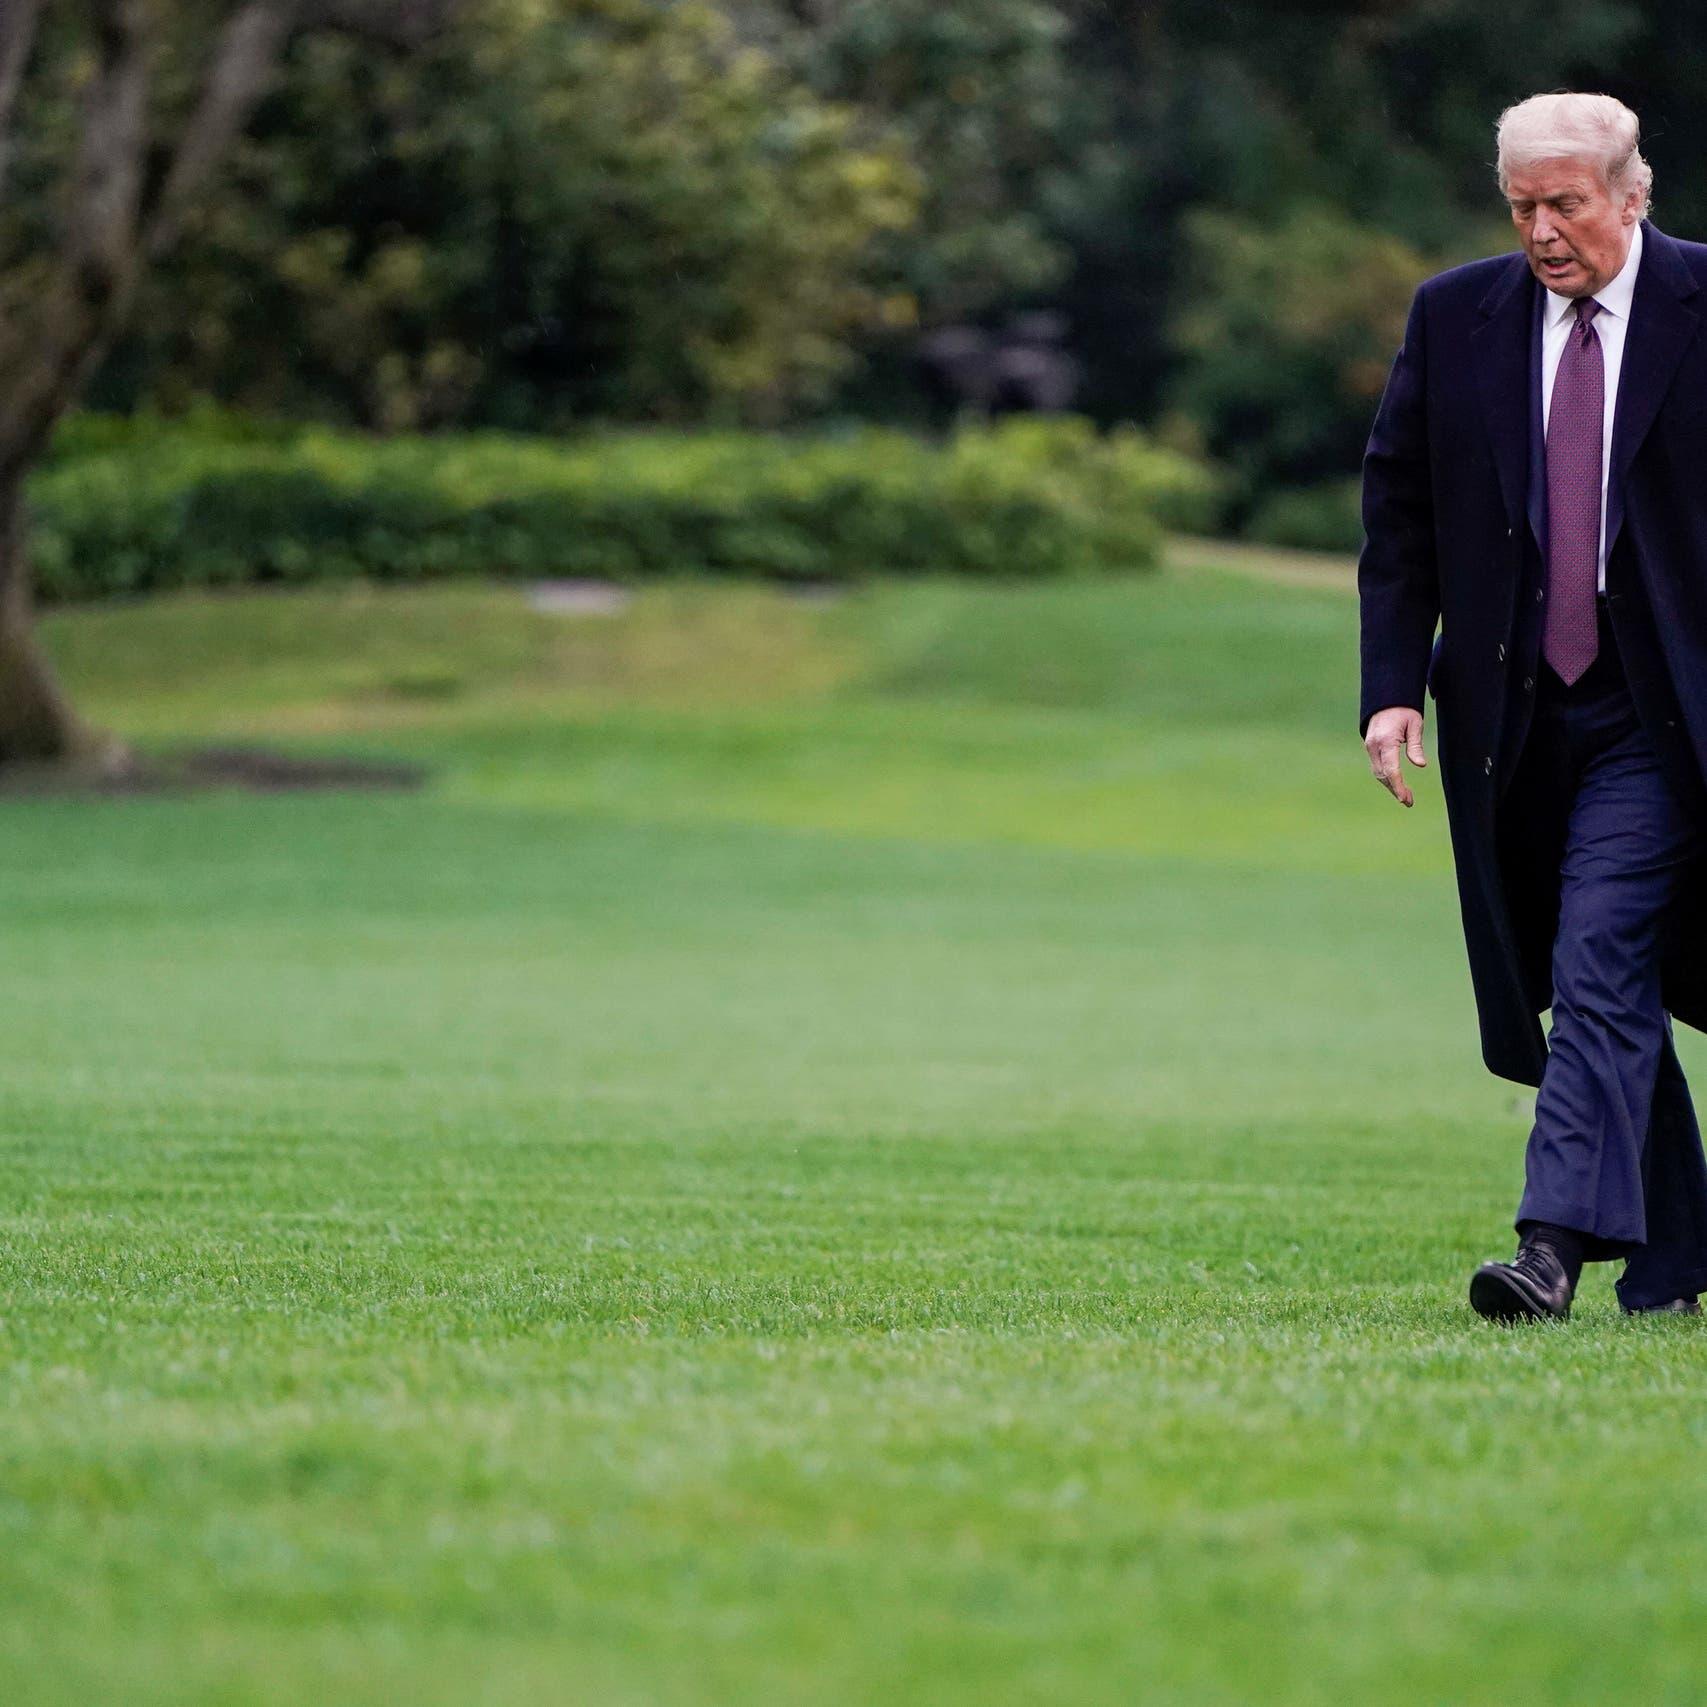 طبيب ترمب: الرئيس متعب لكن معنوياته جيدة